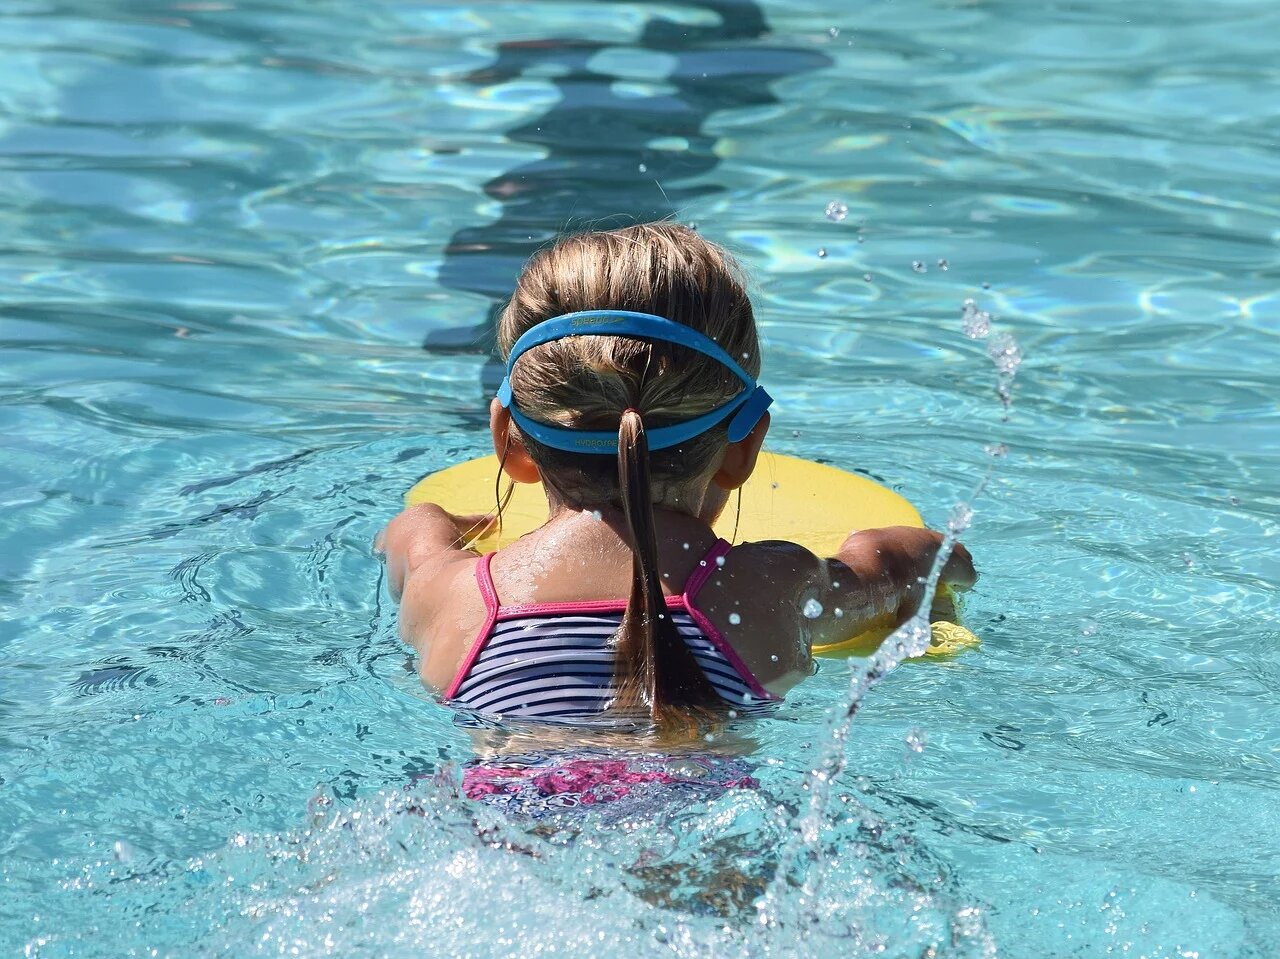 Schwimmkurse retten Leben – Alle Nettetaler Kinder sollen trotz Corona schwimmen können.